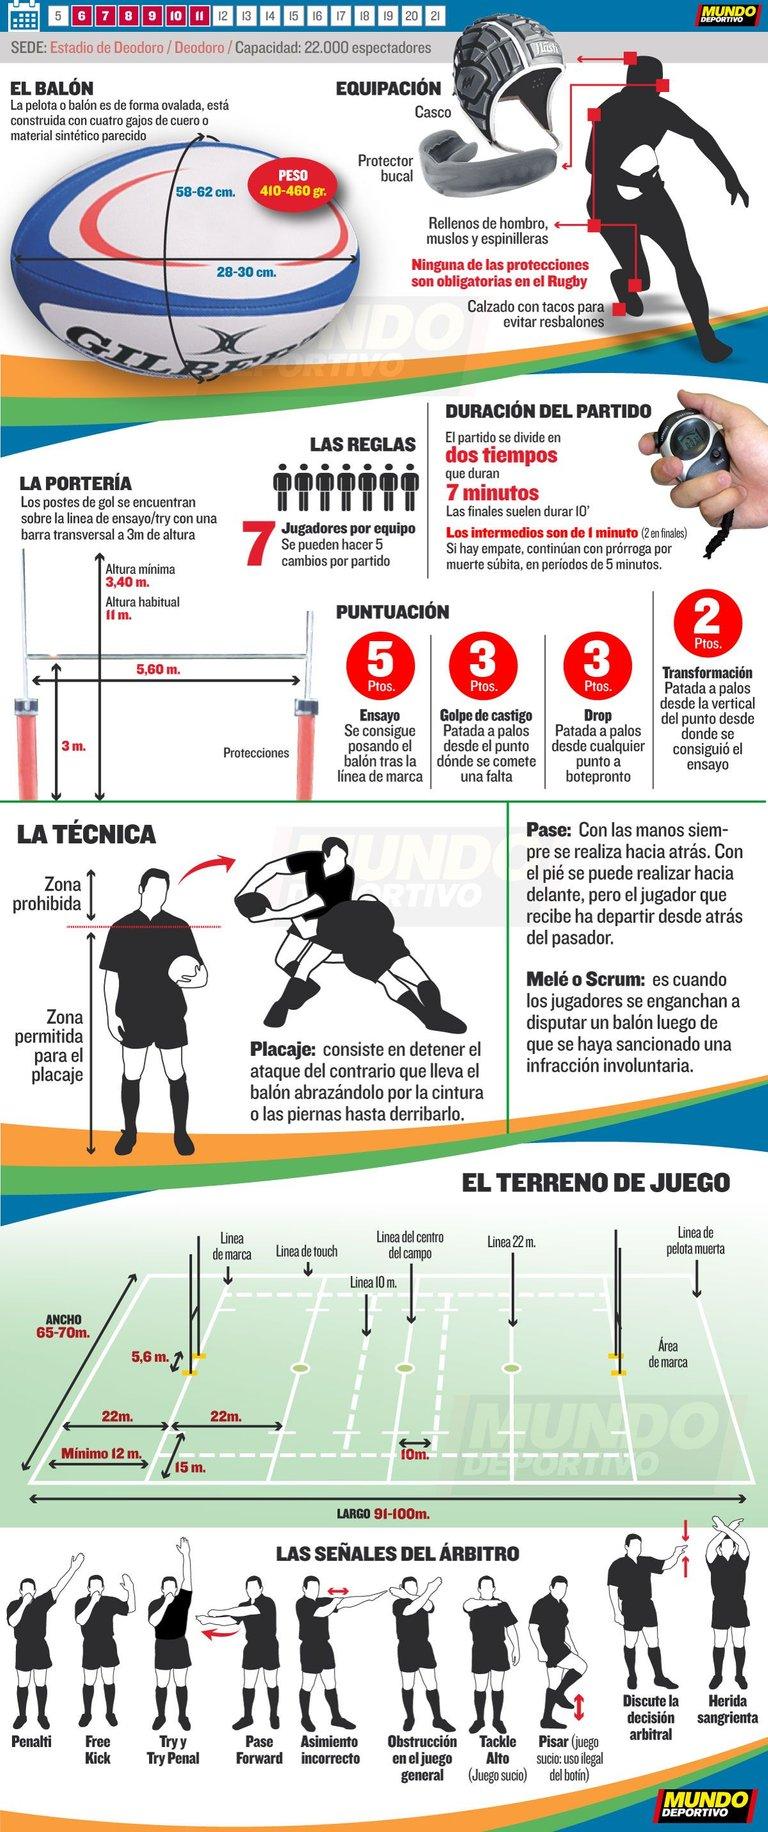 155.-Curiosidades-olimpicas-Rugby7-infografia.jpg